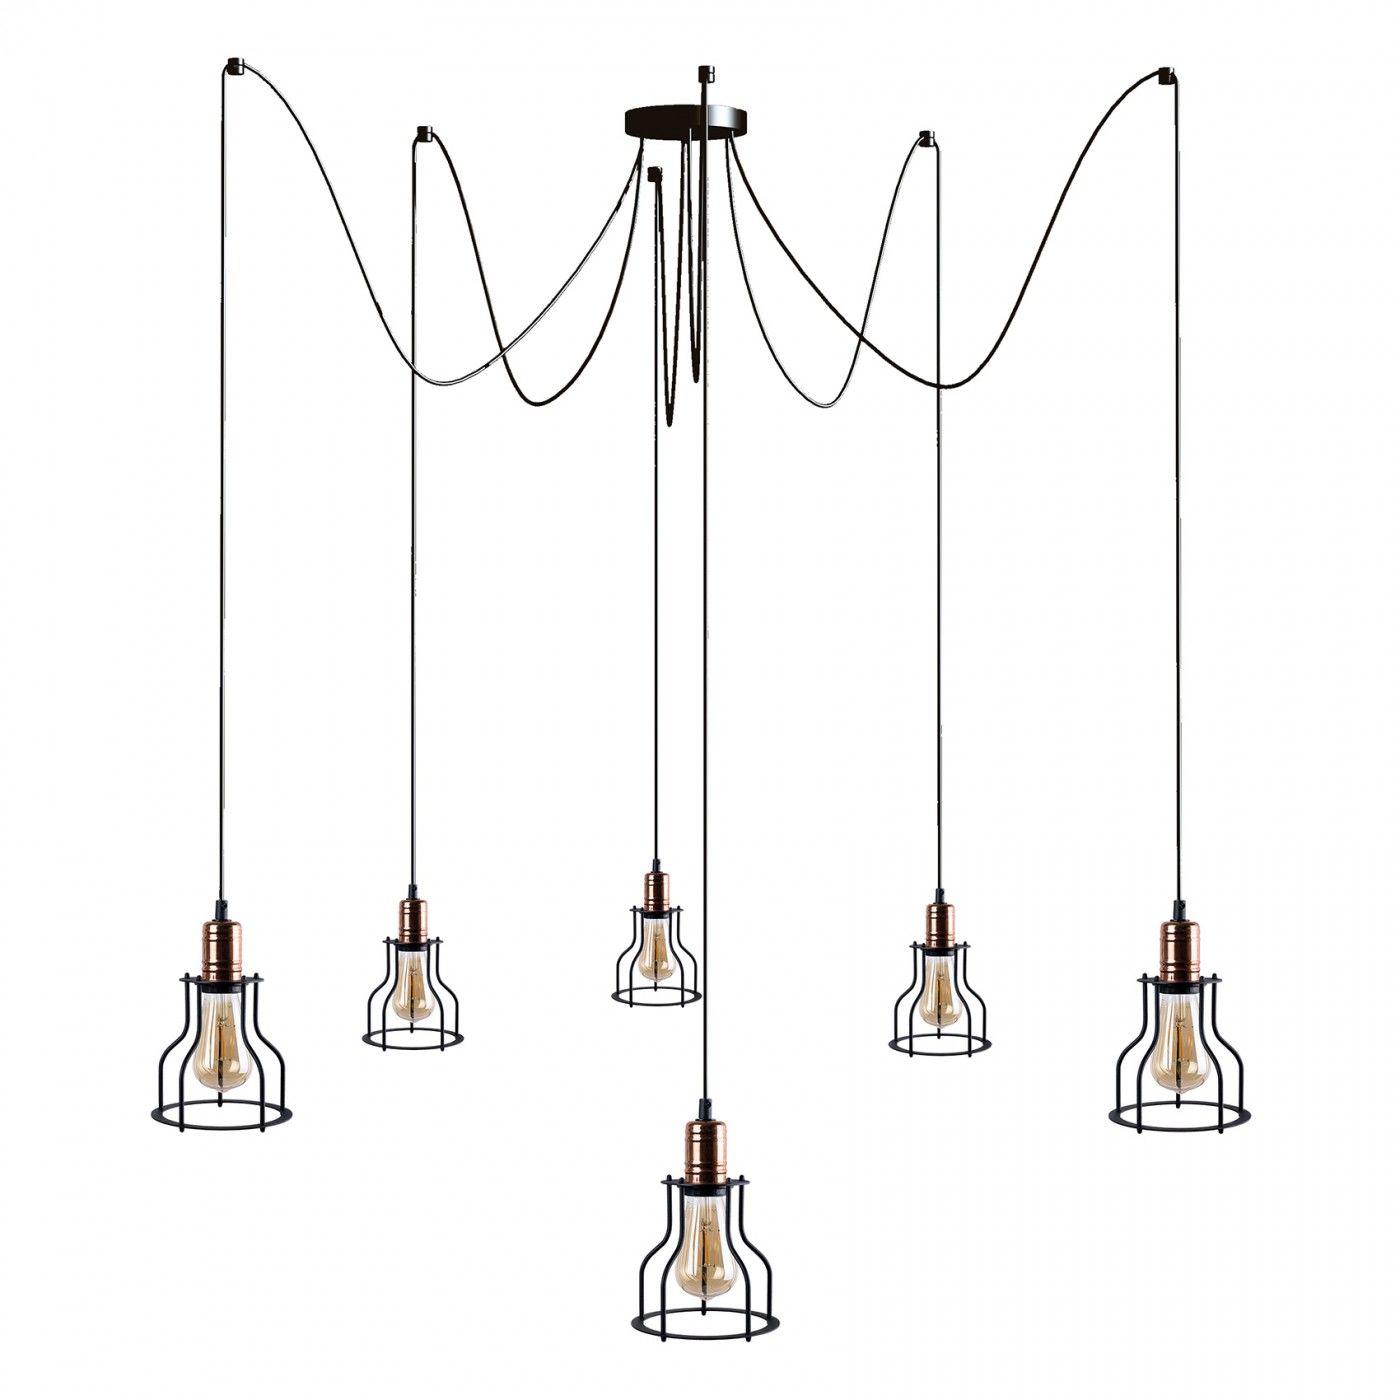 Lampa wisząca Workshop 9631 Nowodvorski Lighting czarna oprawa pająk z miedzianymi detalami